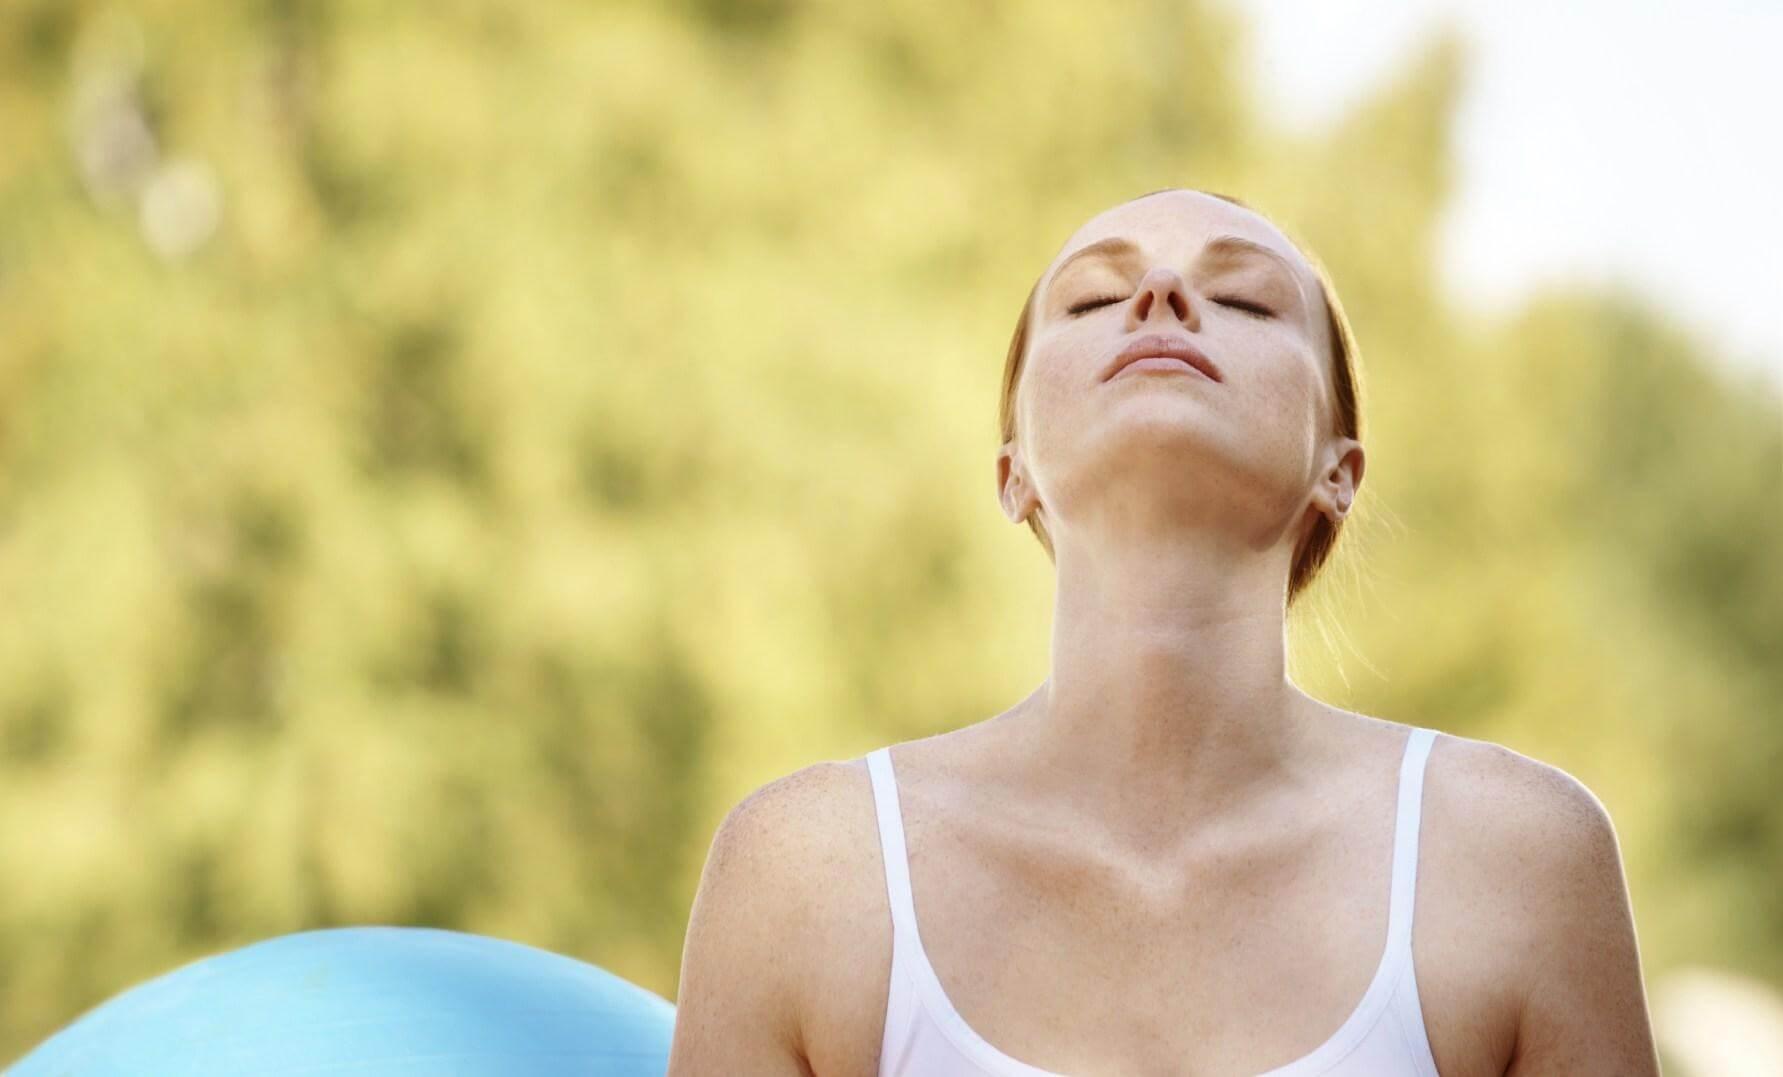 Совет по улучшению голоса: тренируйте дыхание